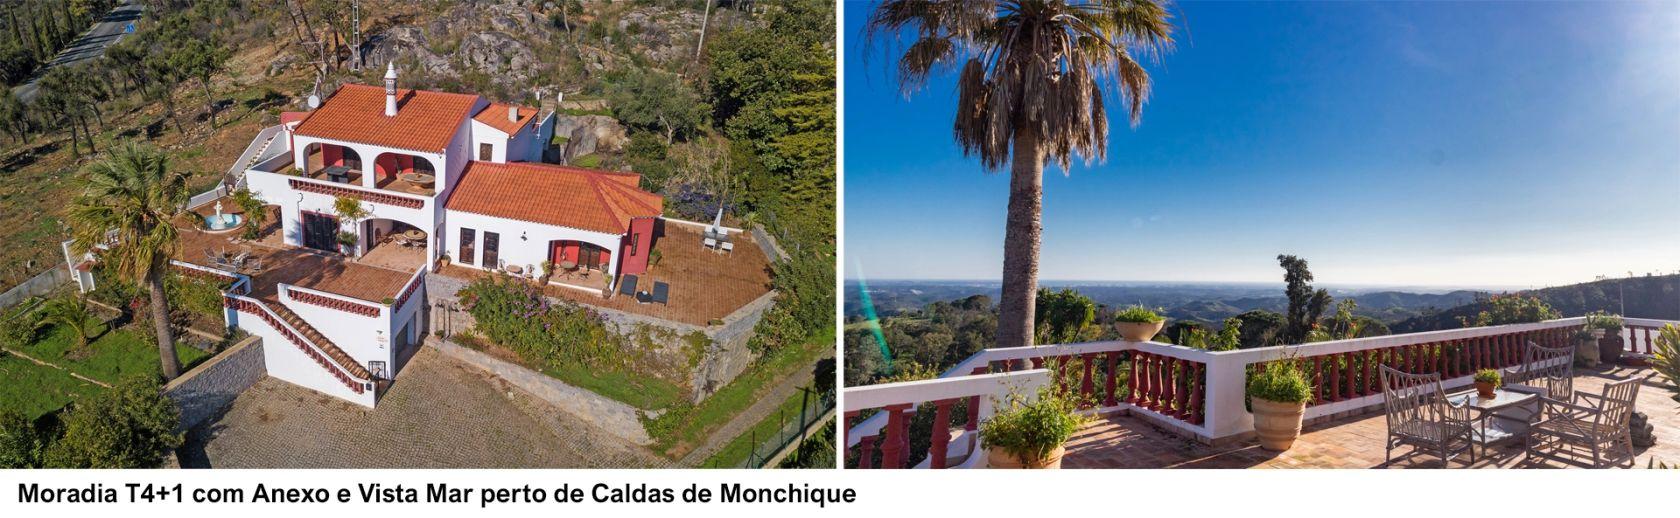 LG1563- Moradia T4+1 com Anexo e Vista Mar perto de Caldas de Monchique